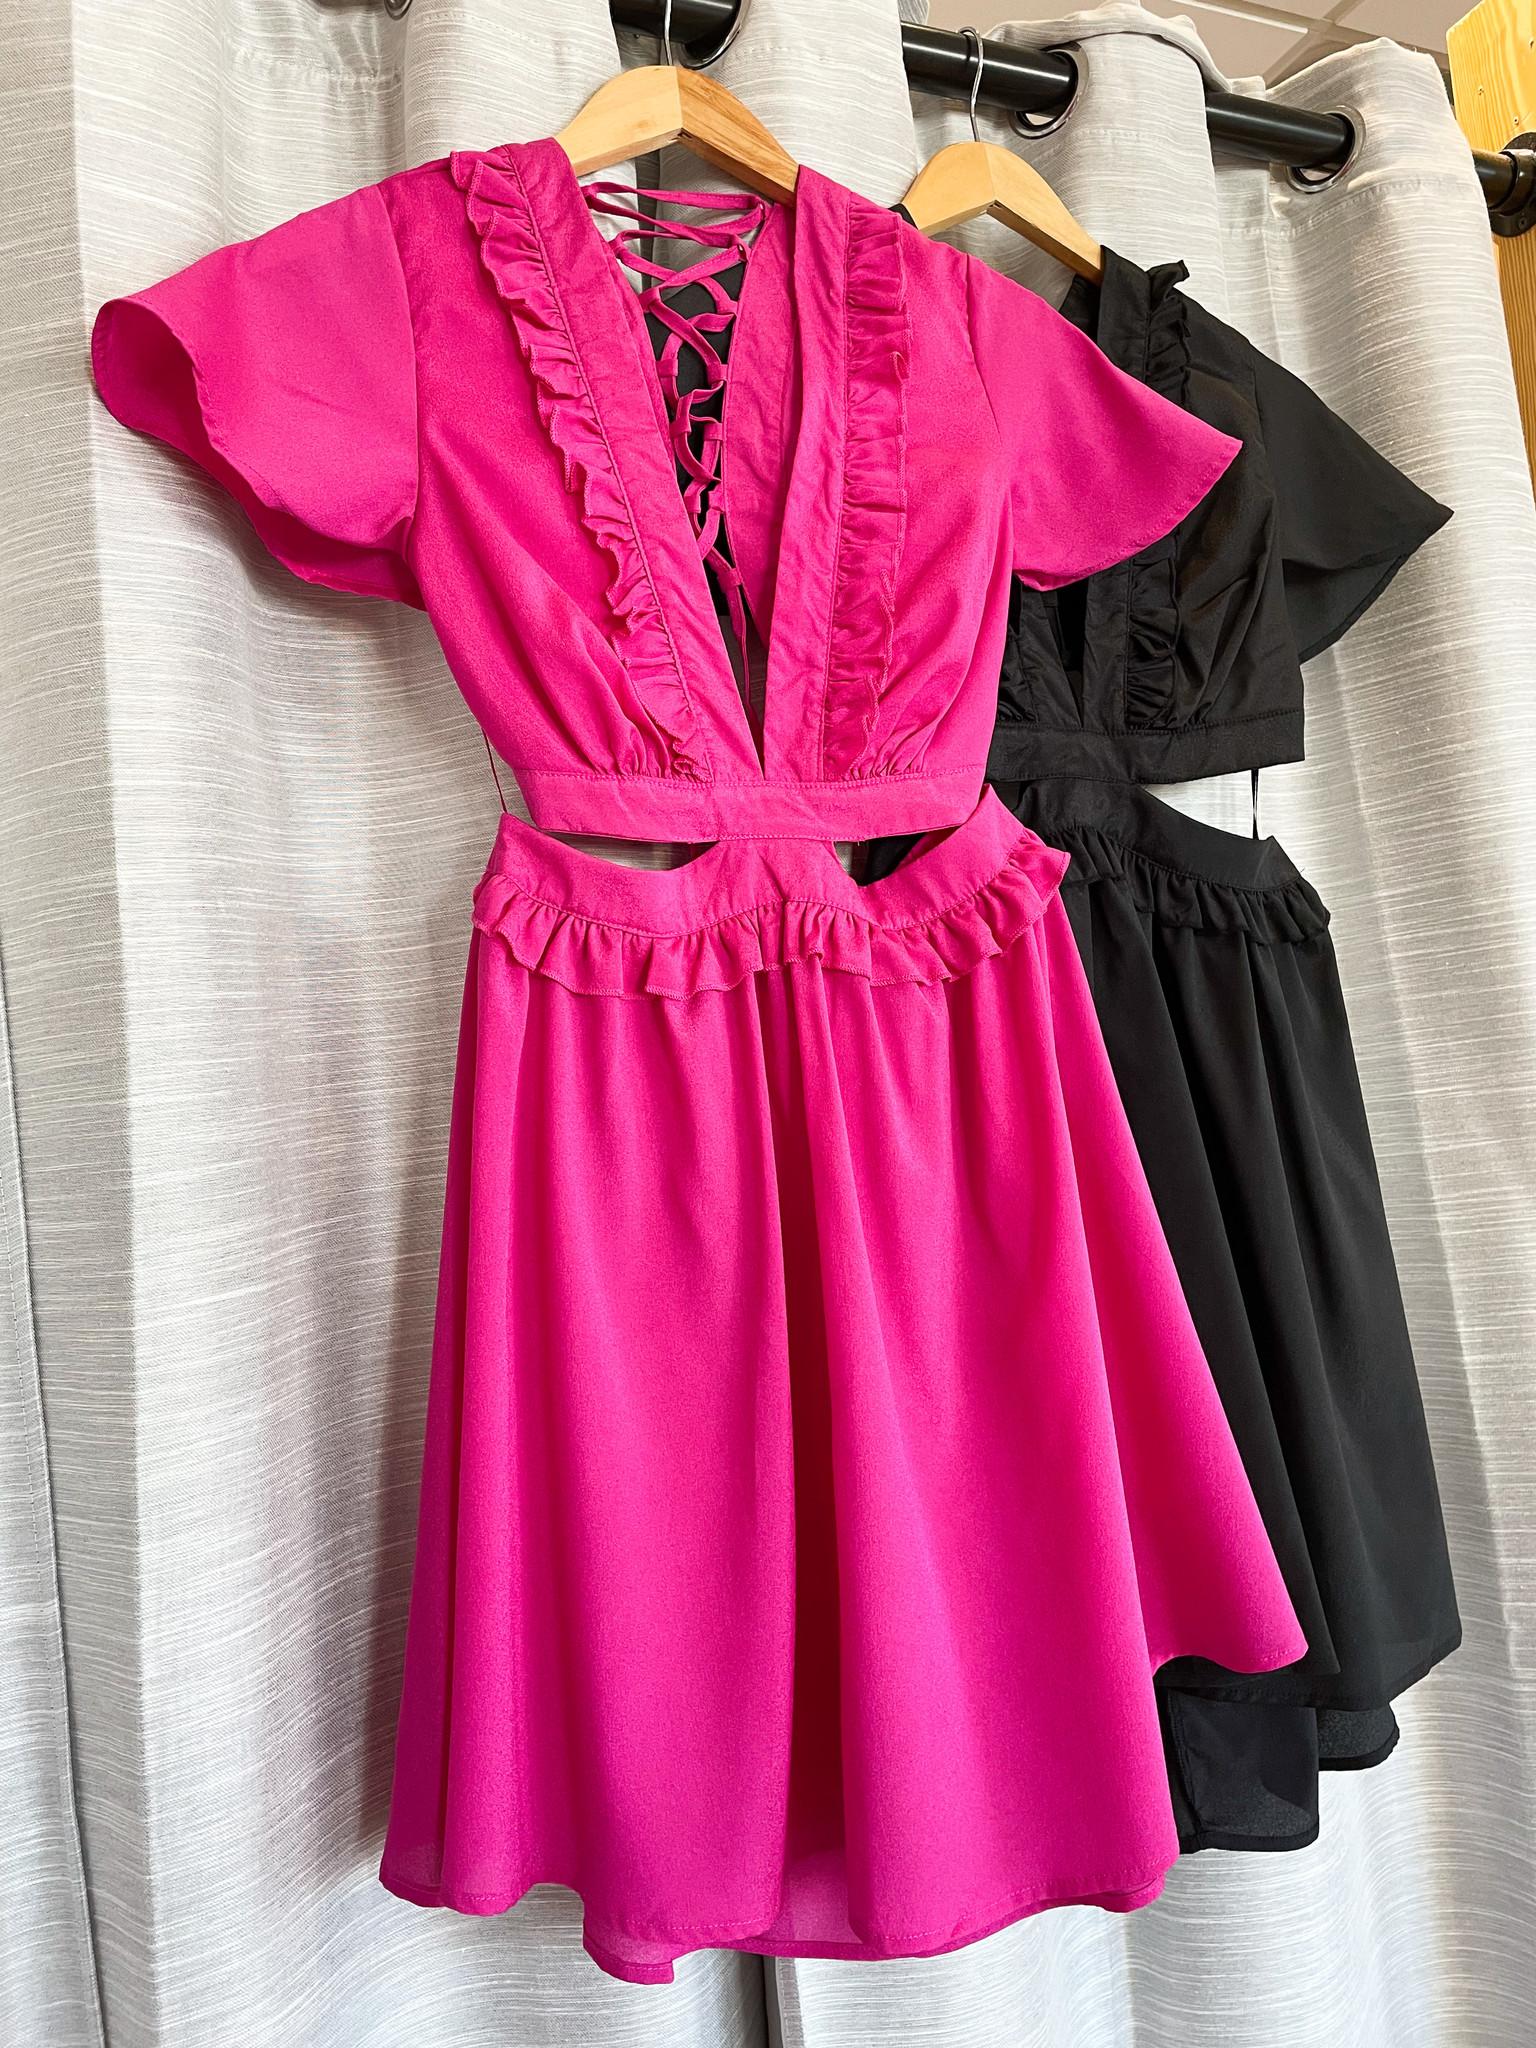 Puff Sleeve Lace Up Back Cutout Dress